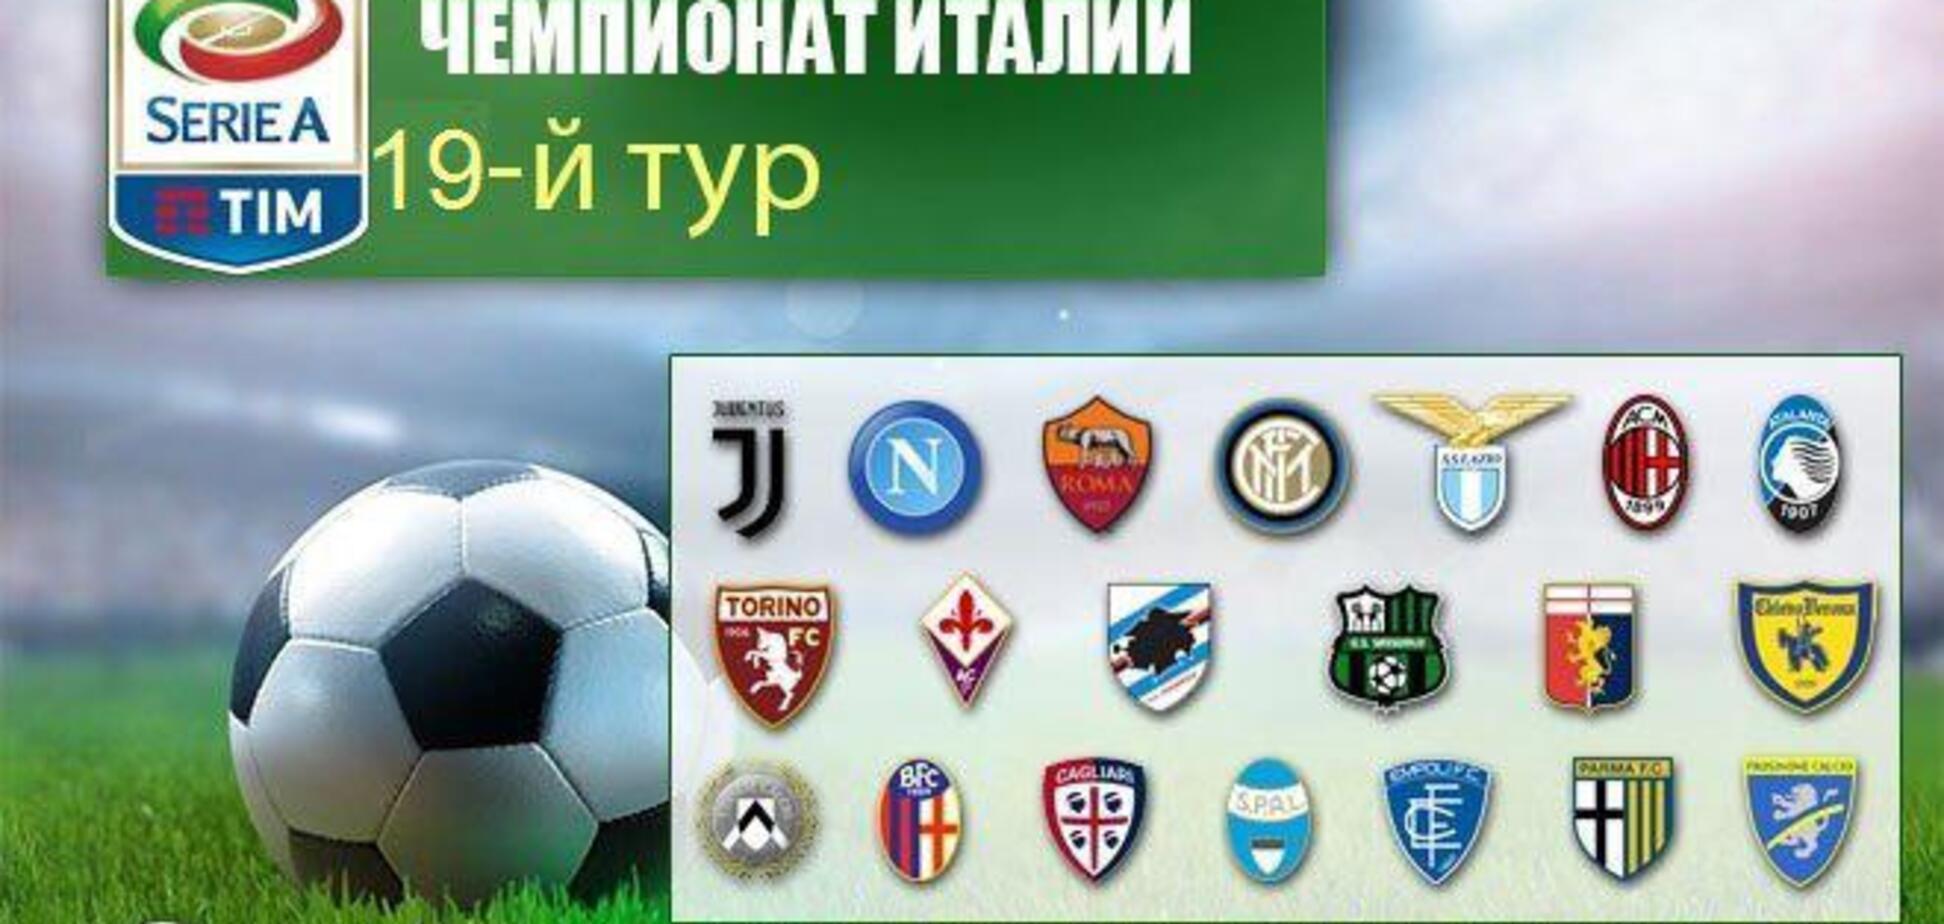 19-й тур чемпіонату Італії з футболу: результати і таблиця